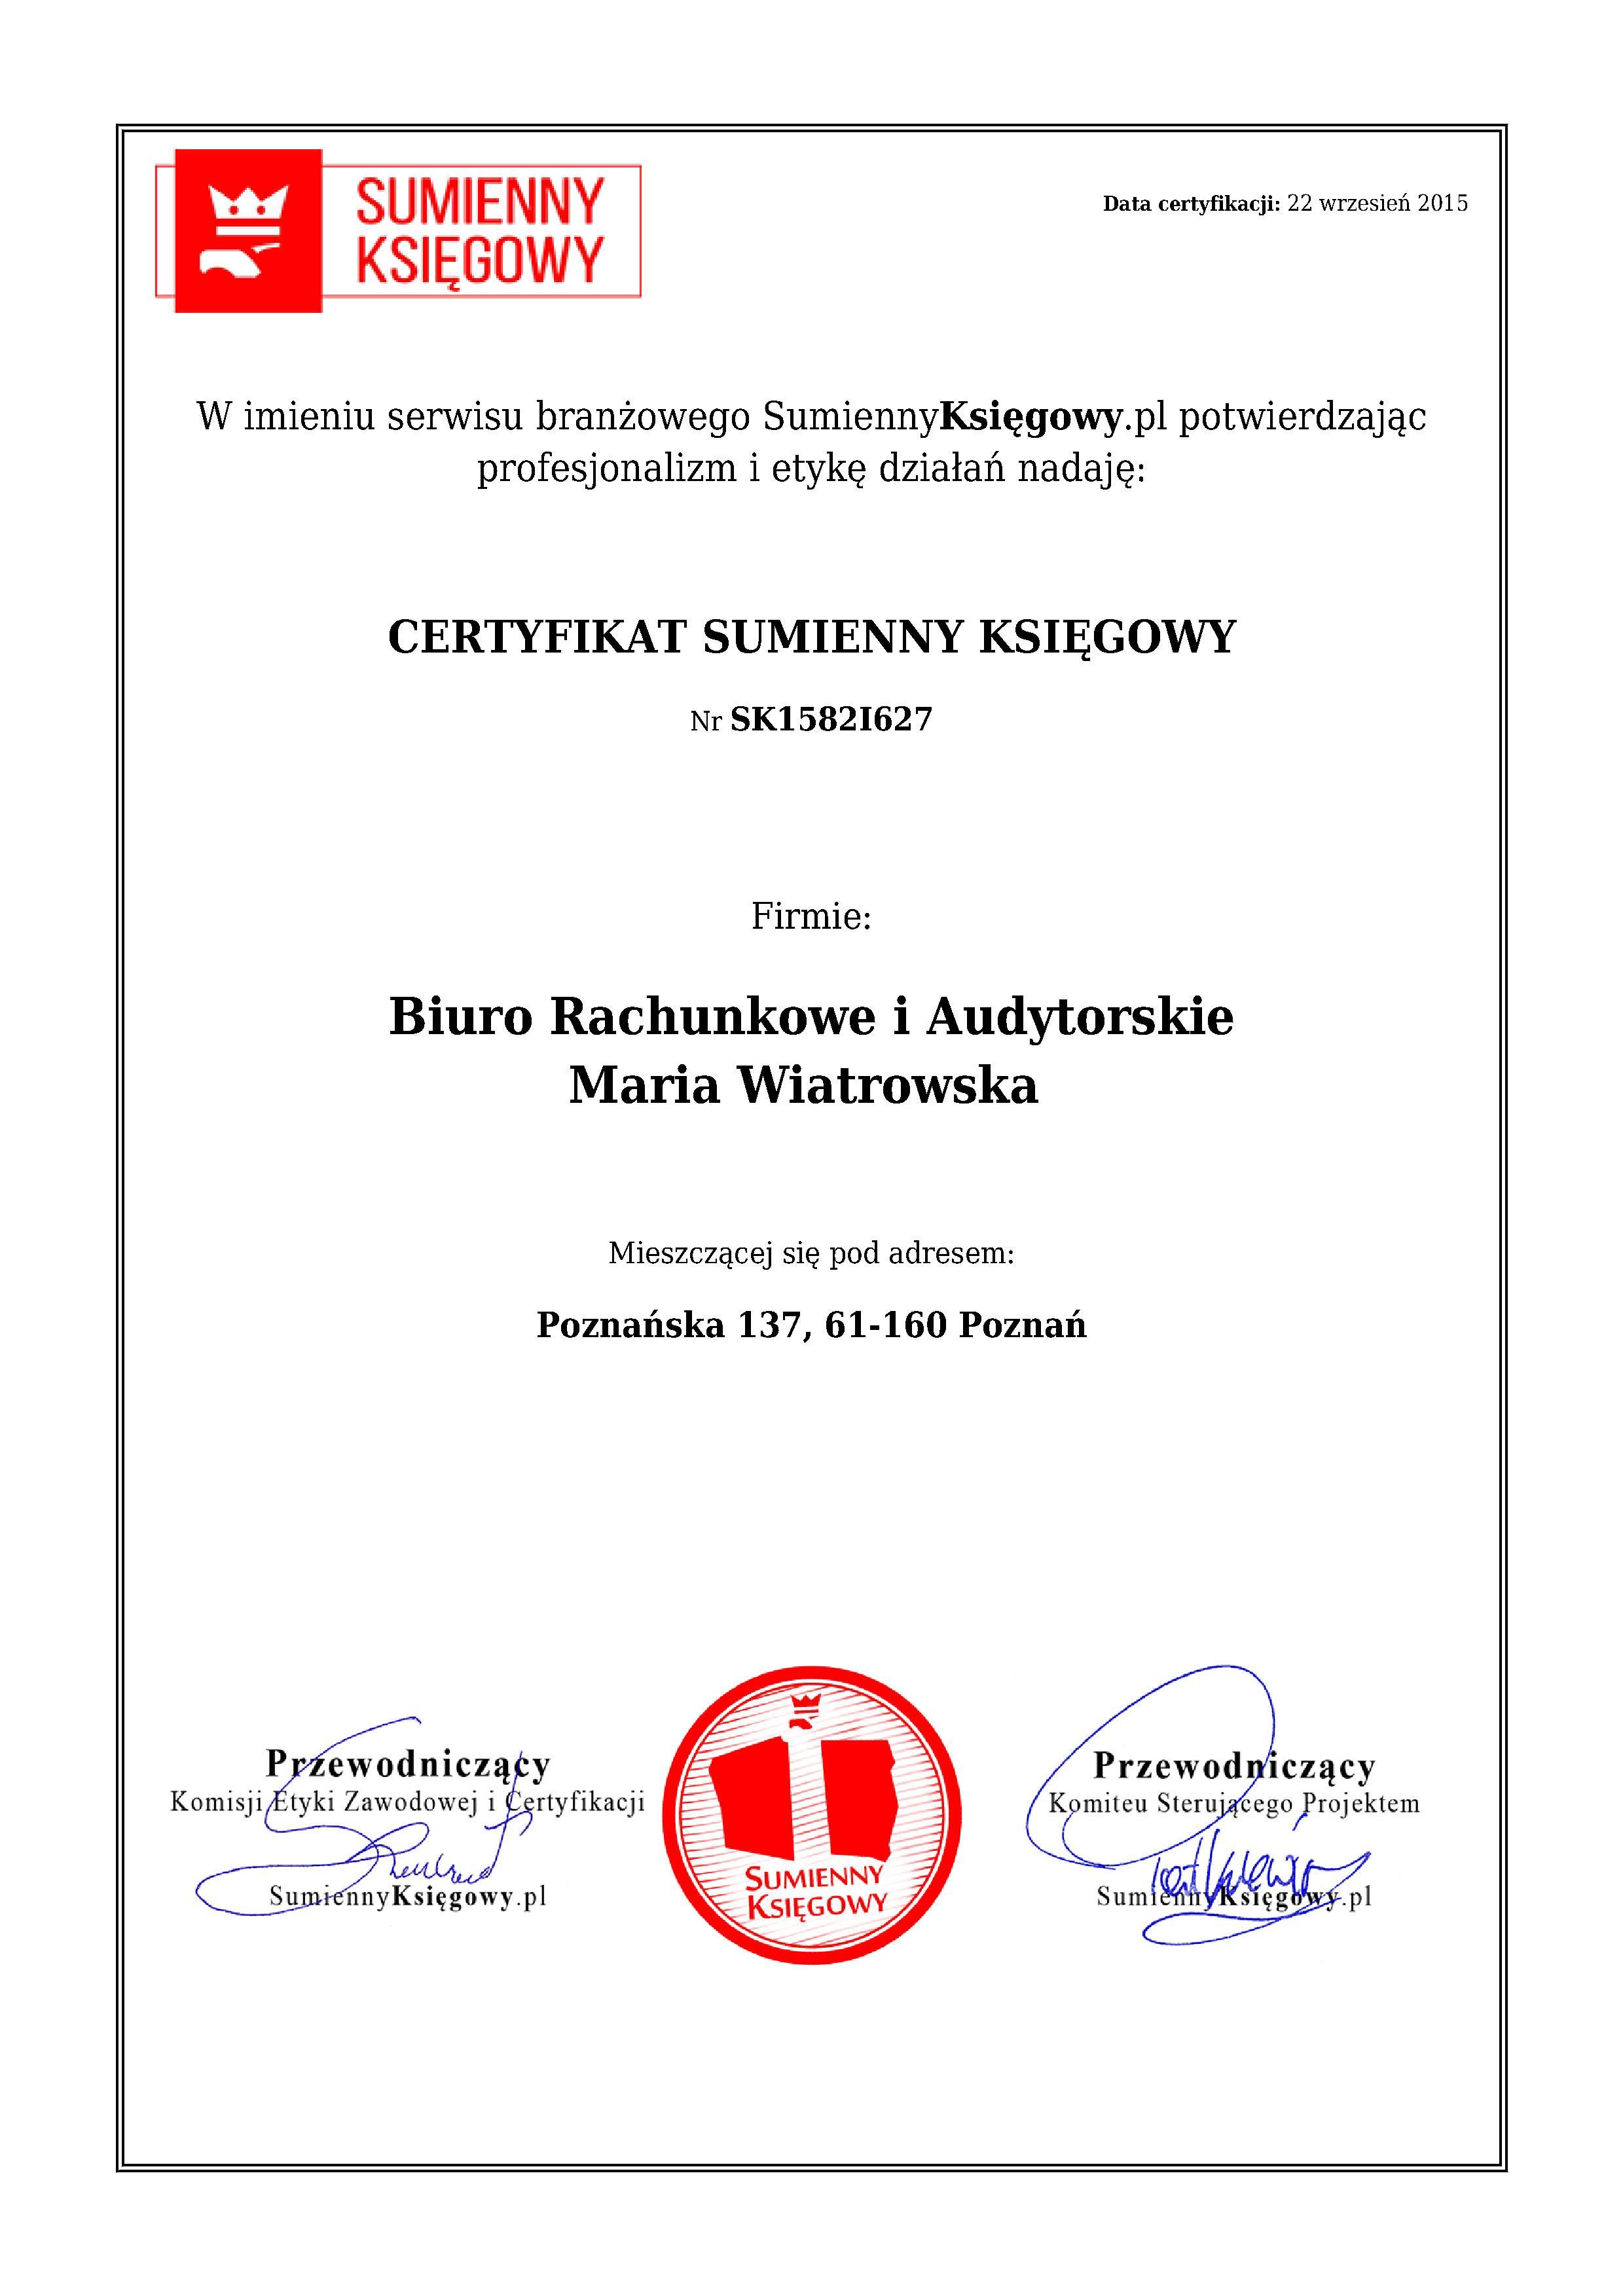 Certyfikat Biuro Rachunkowe i Audytorskie Maria Wiatrowska